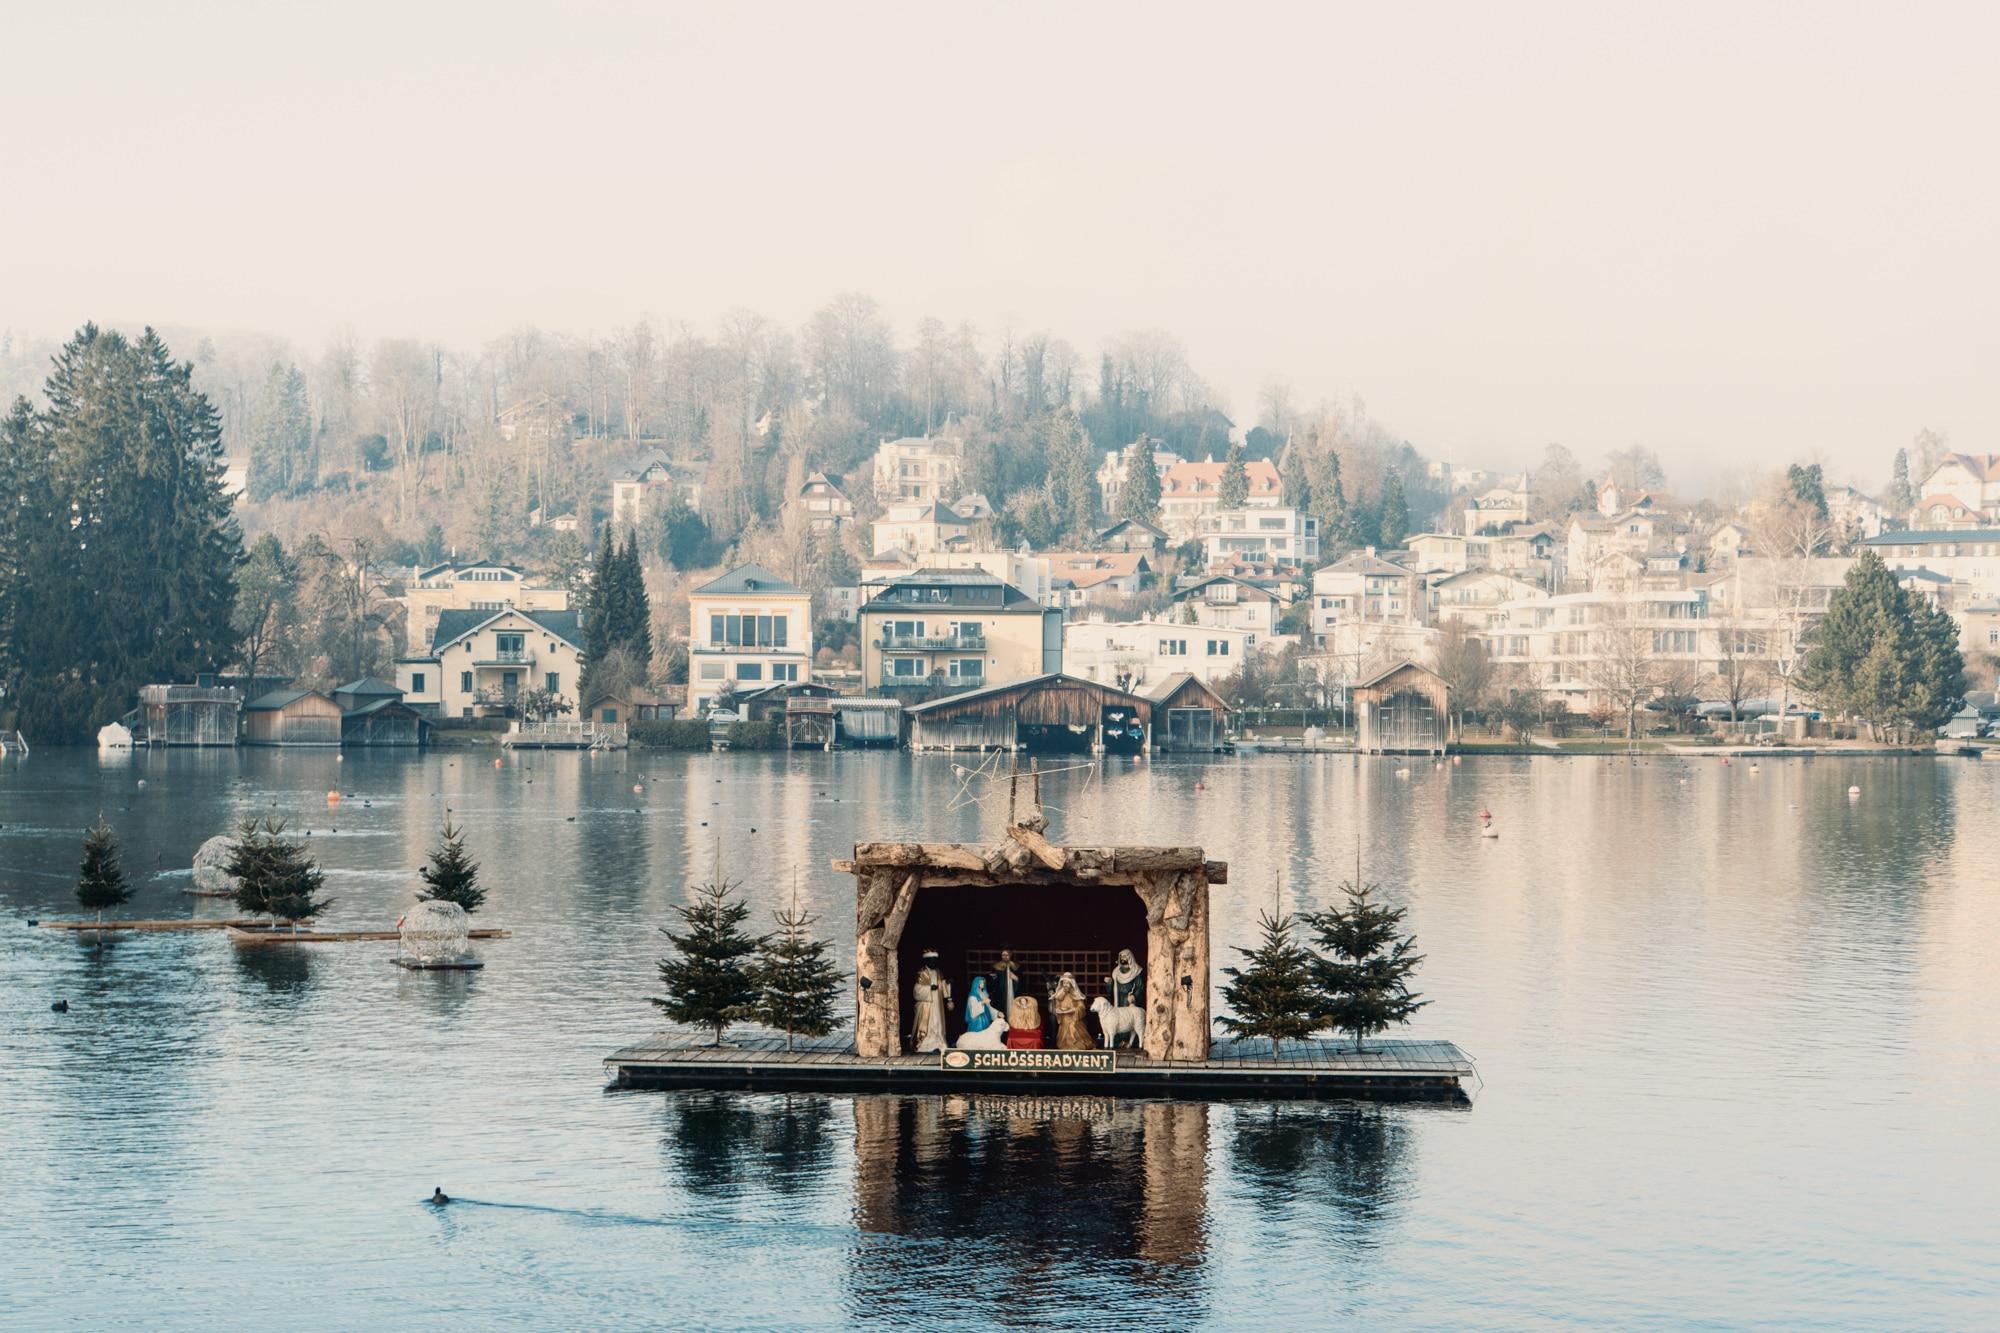 Advent im Salzkammergut: Die schönsten Weihnachtsmärkte der Region - Schlösseradvent Traunsee-Almtal schwimmende Krippe